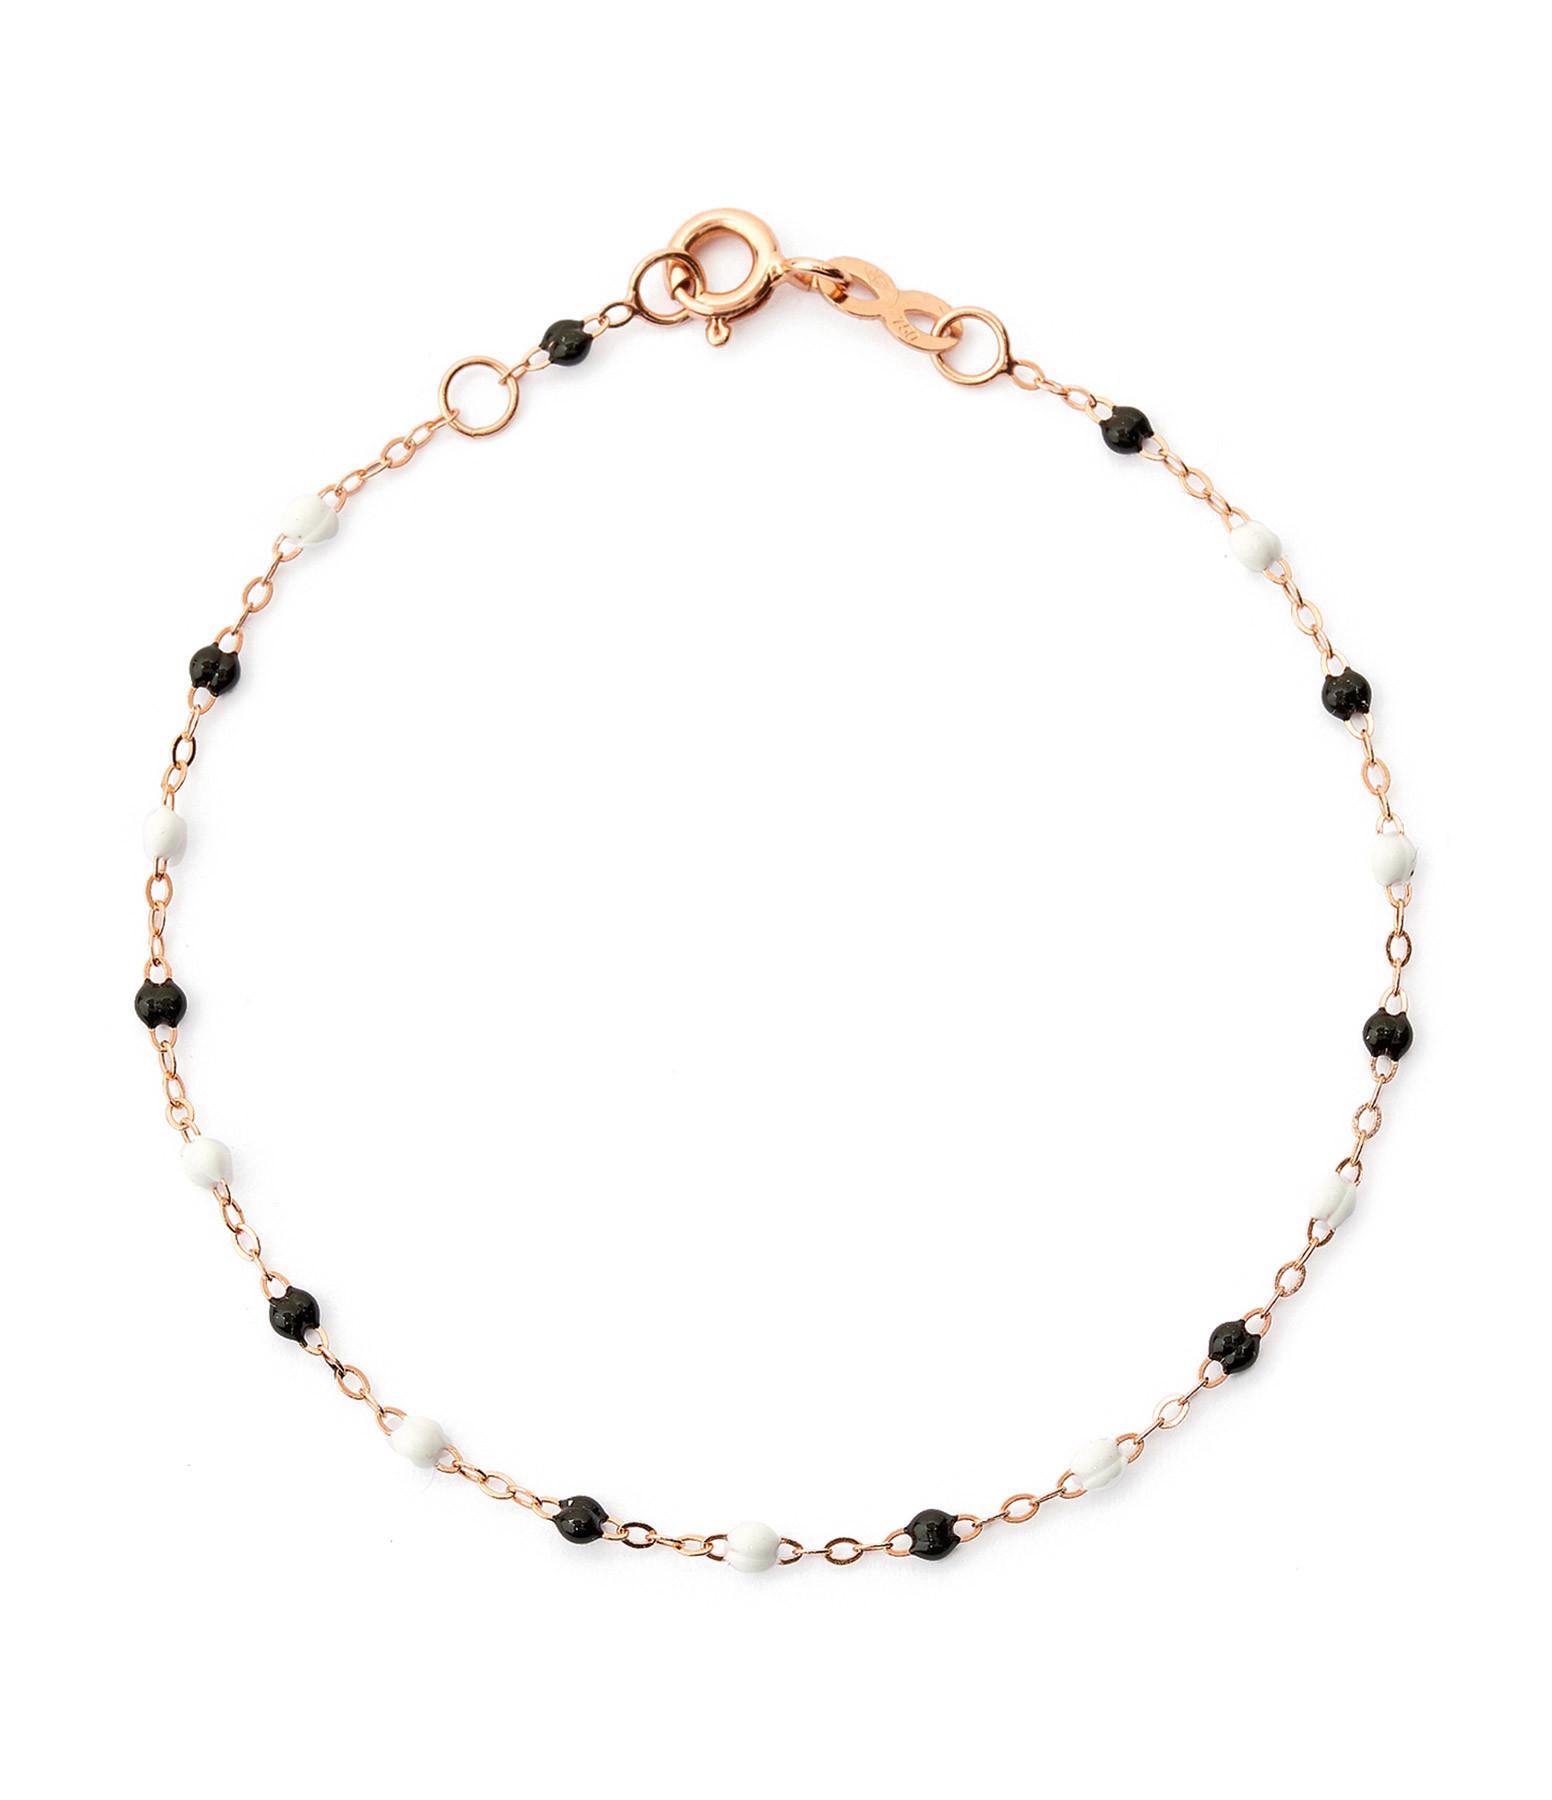 GIGI CLOZEAU - Bracelet Exclusivité Lulli Perles Résine Noir Blanc Or Rose